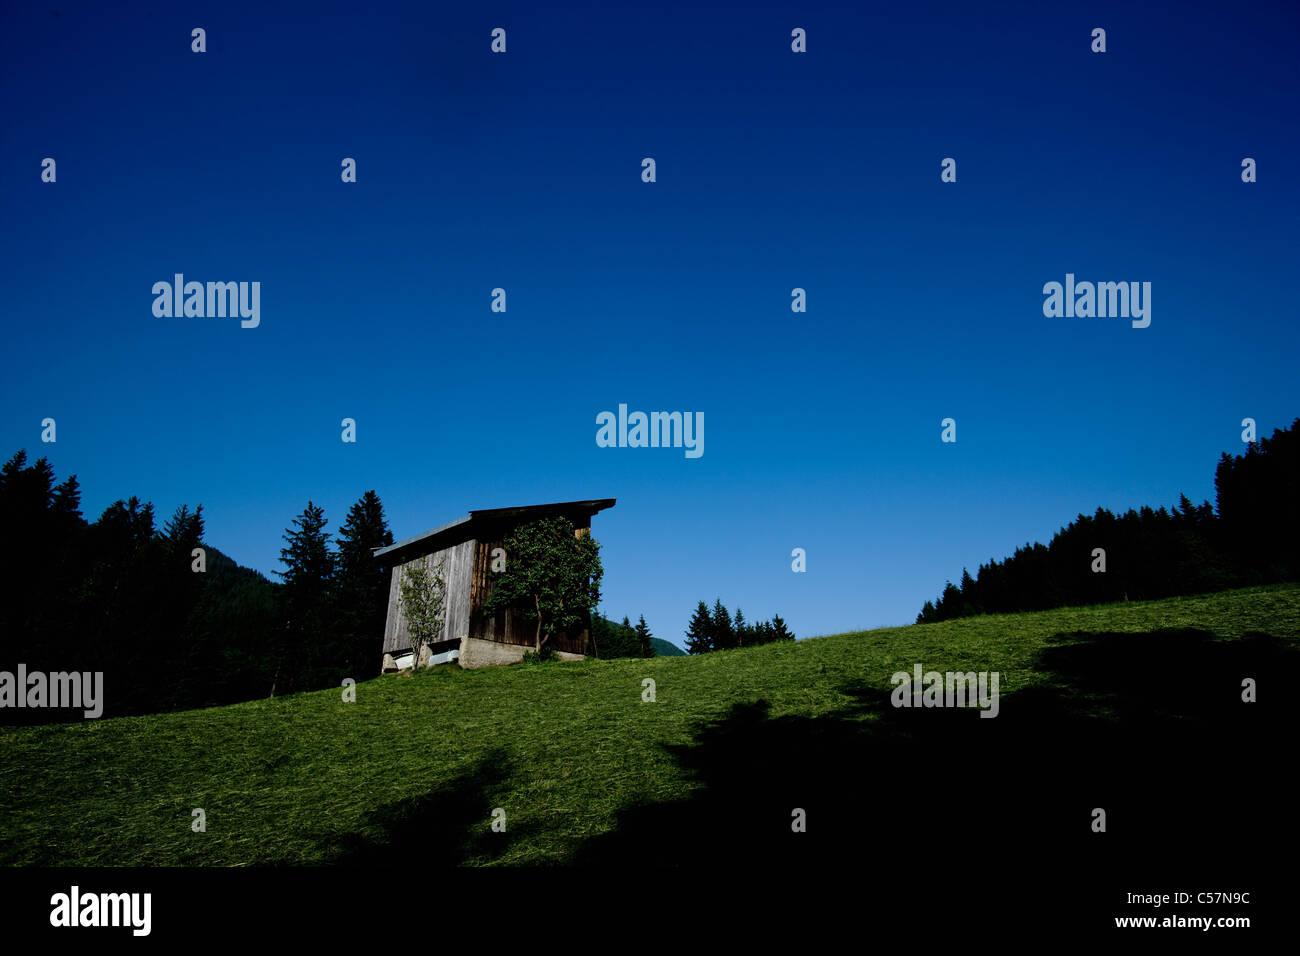 Shack on hillside against blue sky - Stock Image